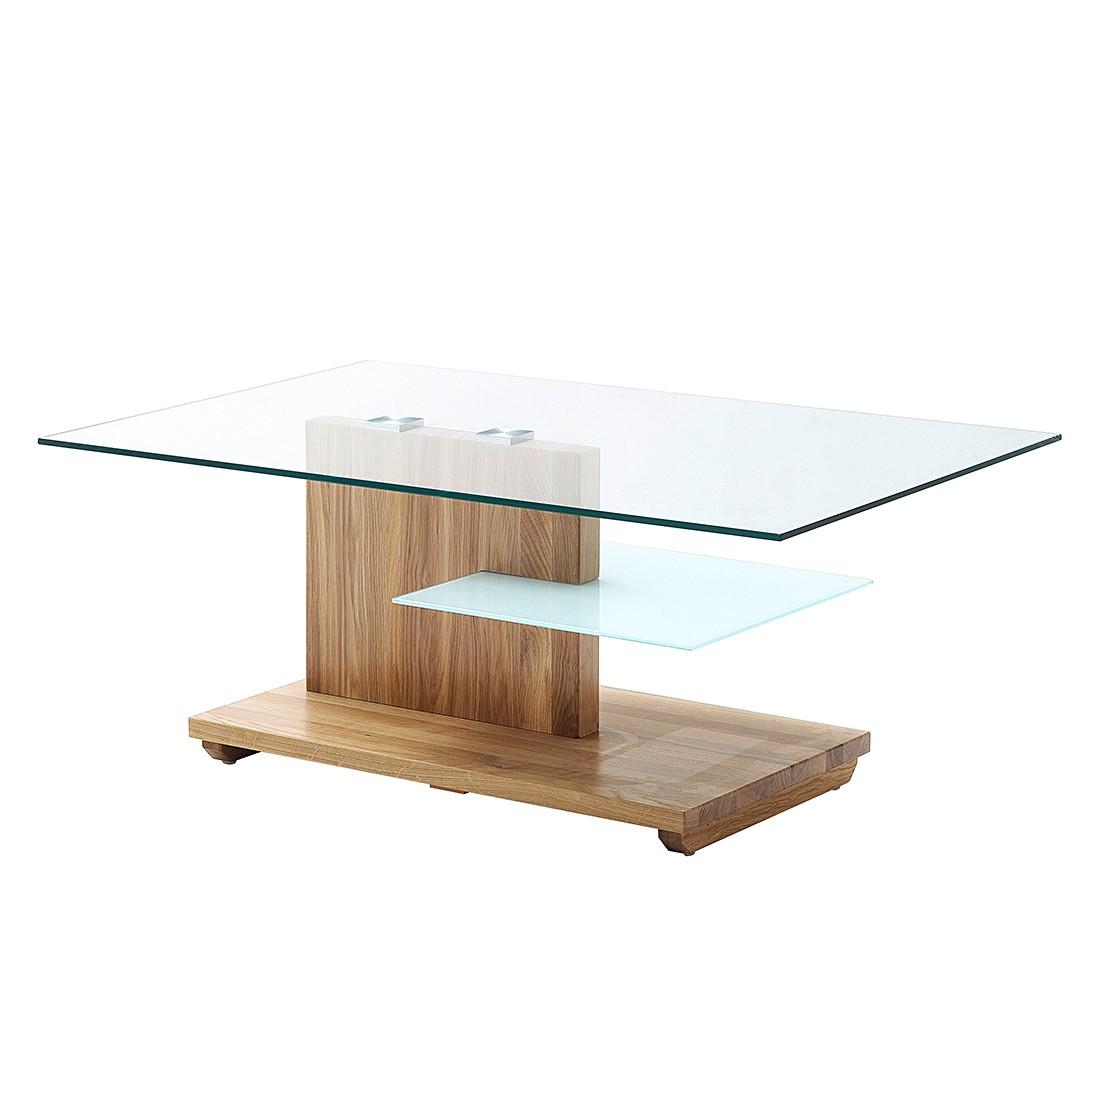 g nstige preise f r couchtisch buche glas jetzt schon. Black Bedroom Furniture Sets. Home Design Ideas